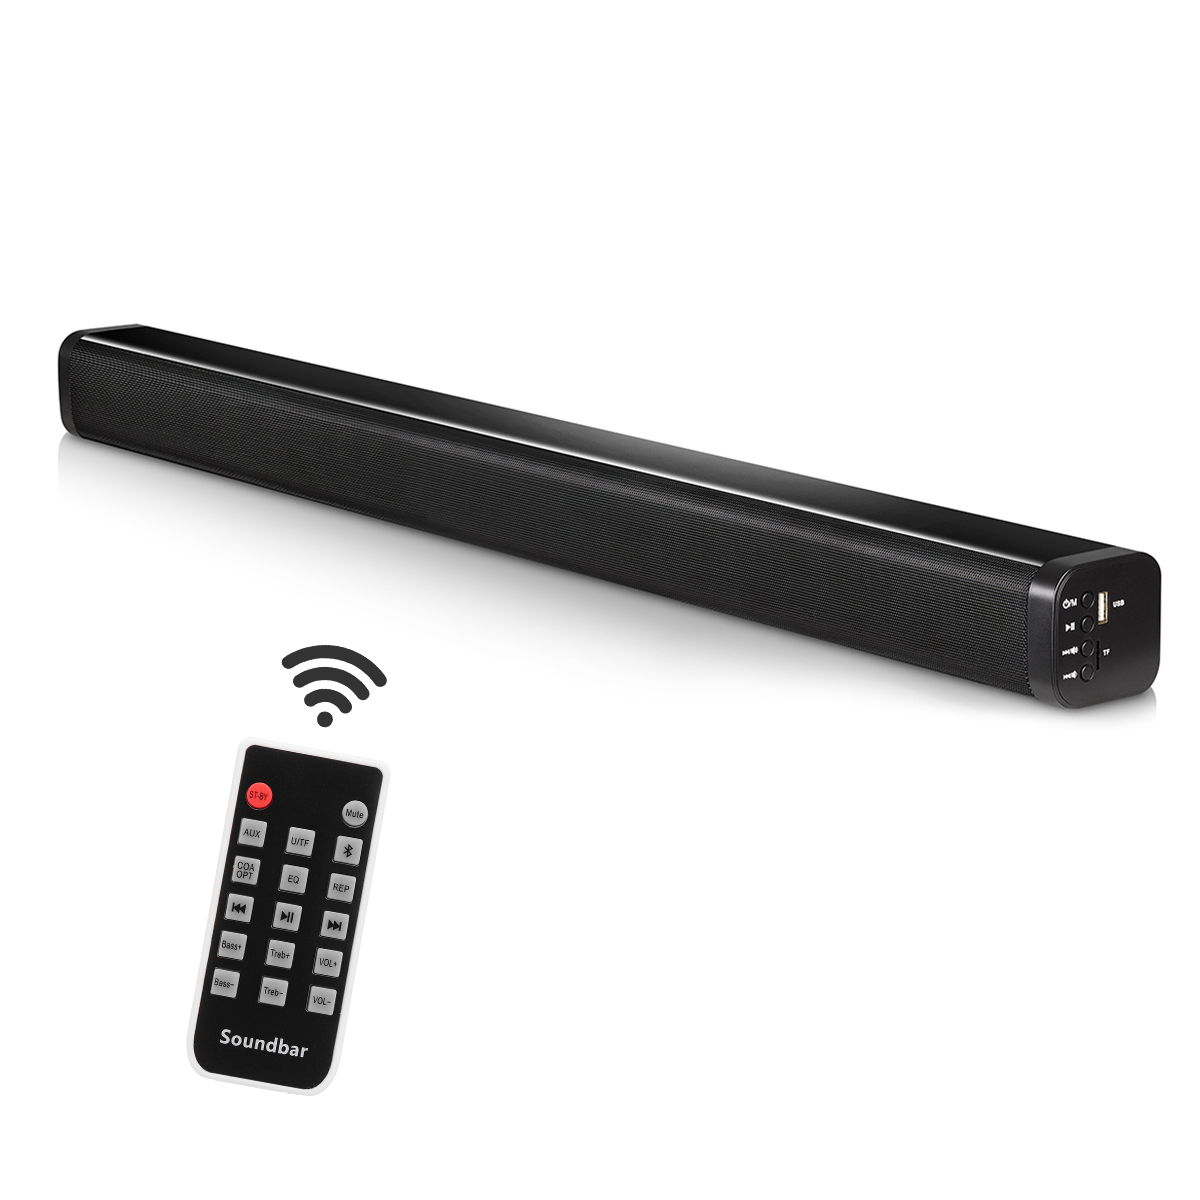 Begeistert Bluetooth Lautsprecher Tv Soundbar 4 Fahrer Heimkino Stereo Schwere Bass Tf Karte N-s09 Wand-montiert Lautsprecher Smart Home Soundbar Neue Lautsprecher